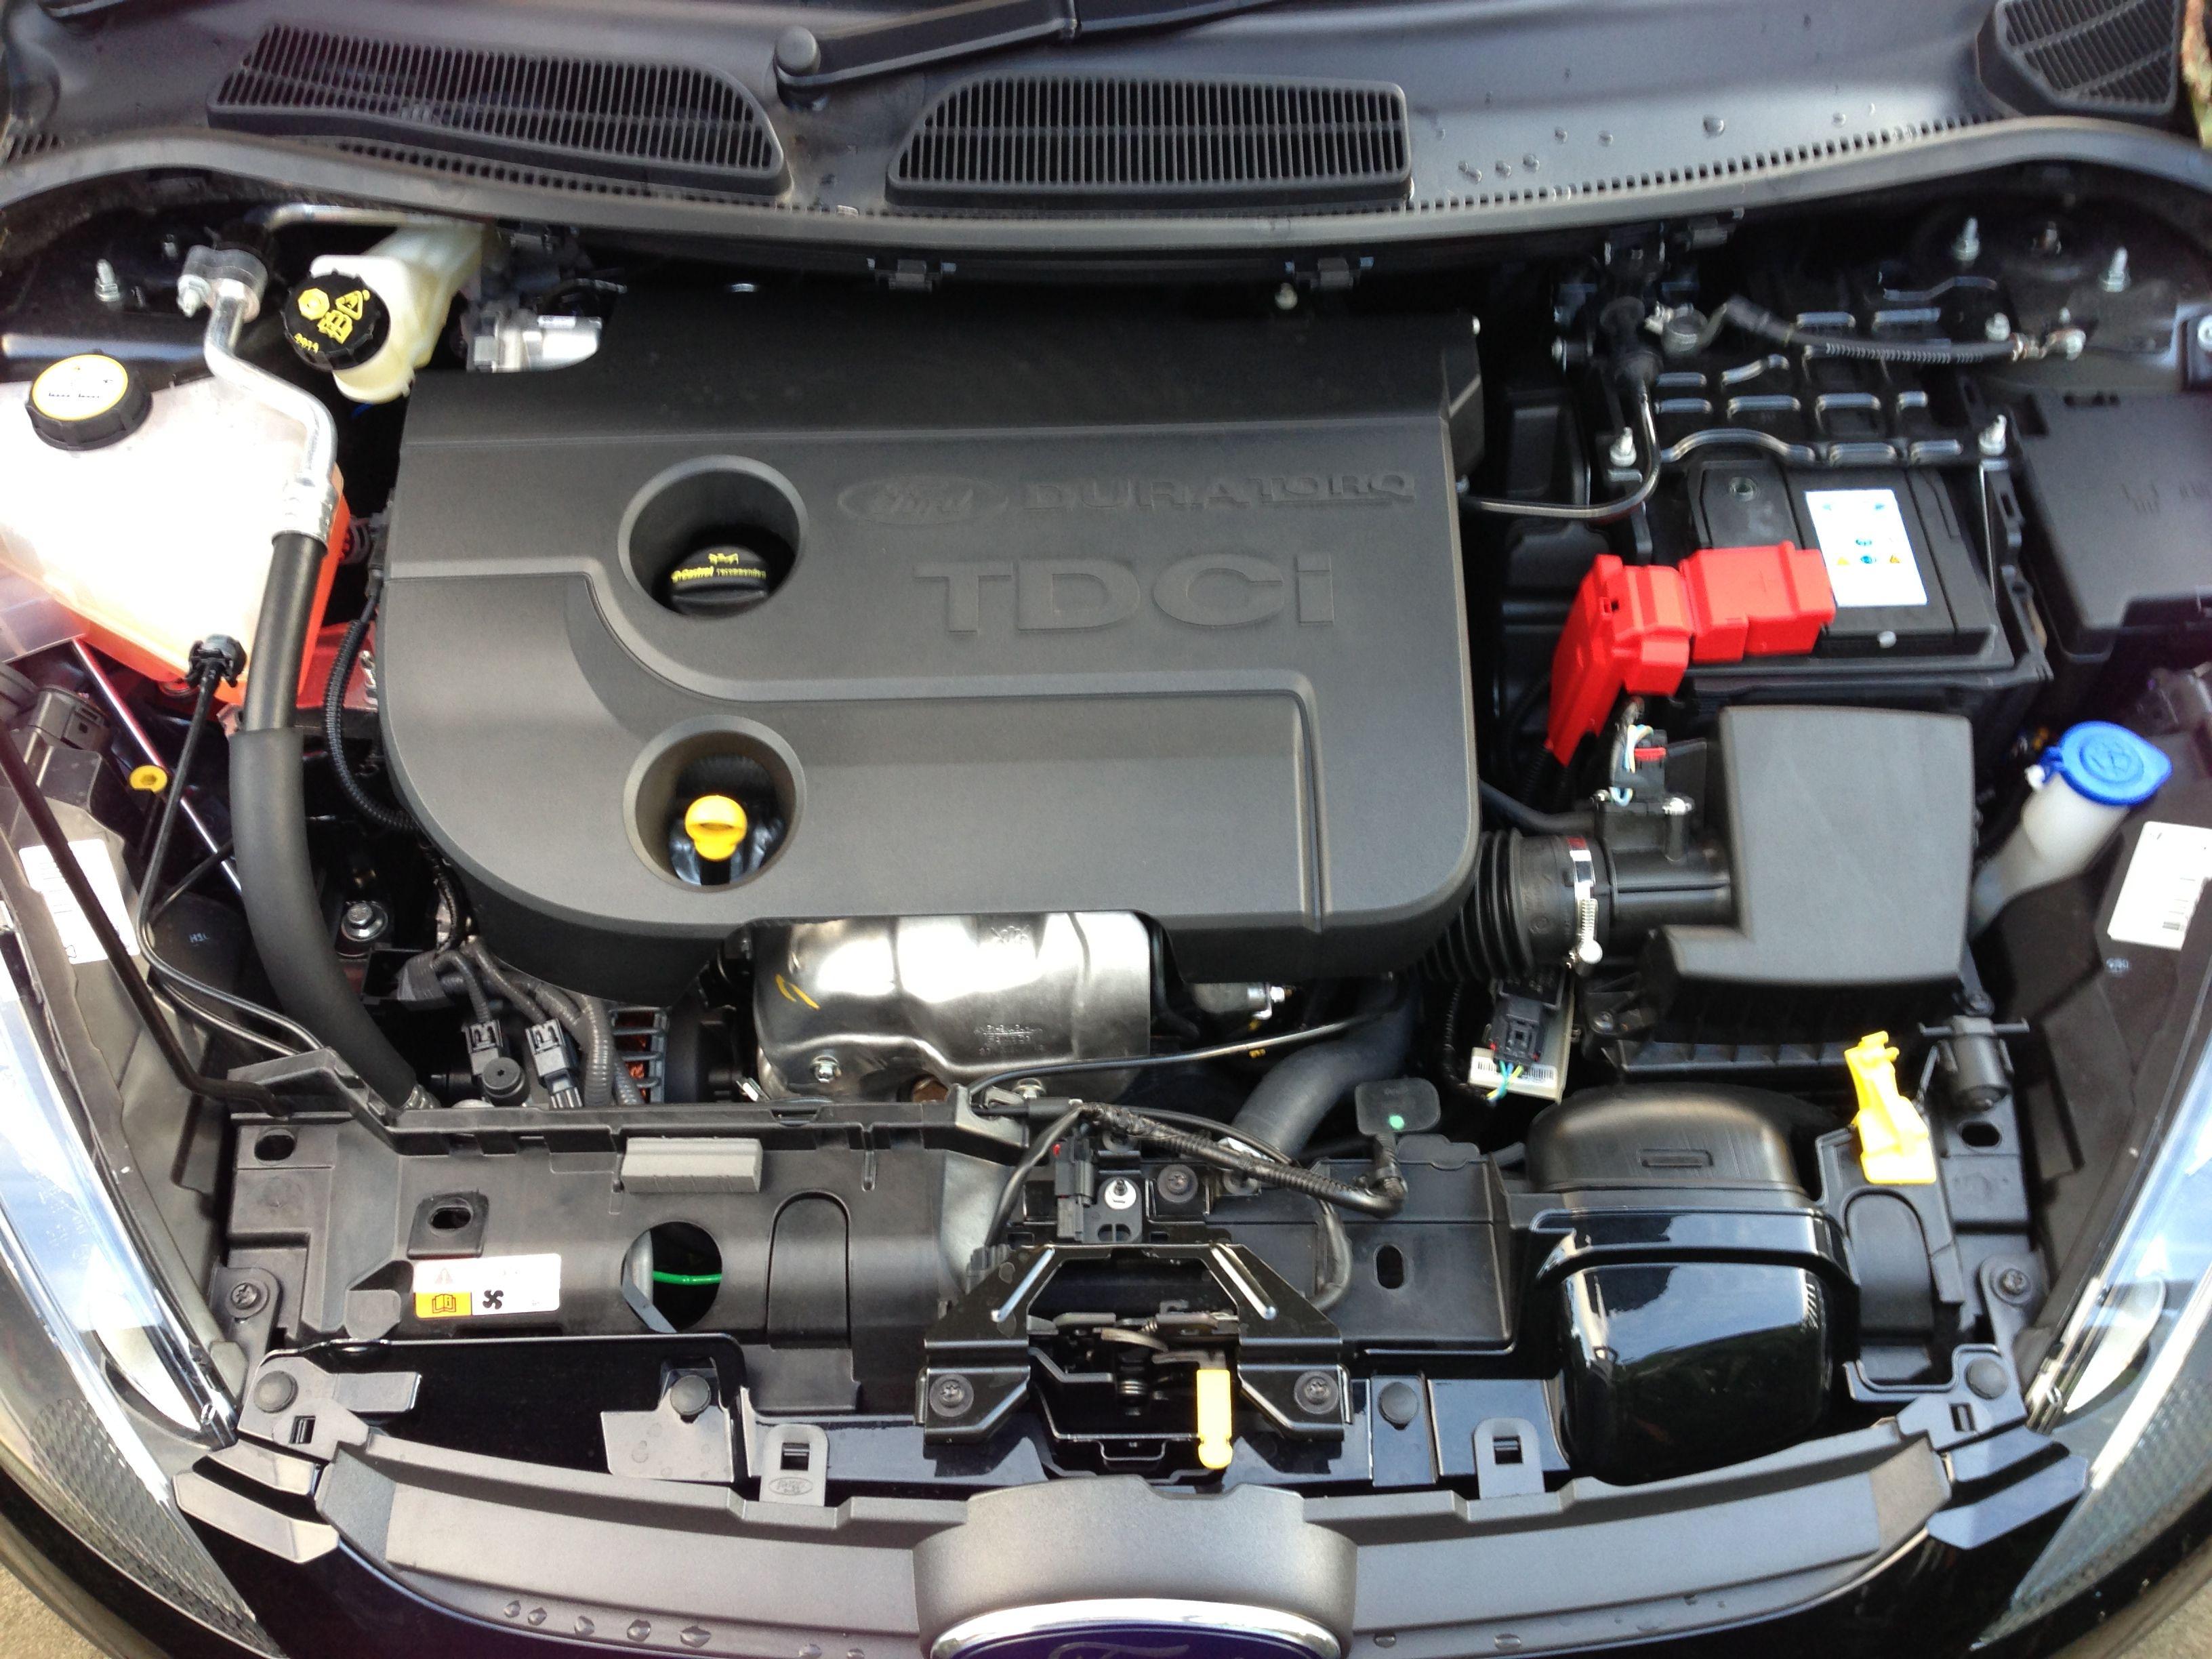 Ford fiesta tdci engine bay